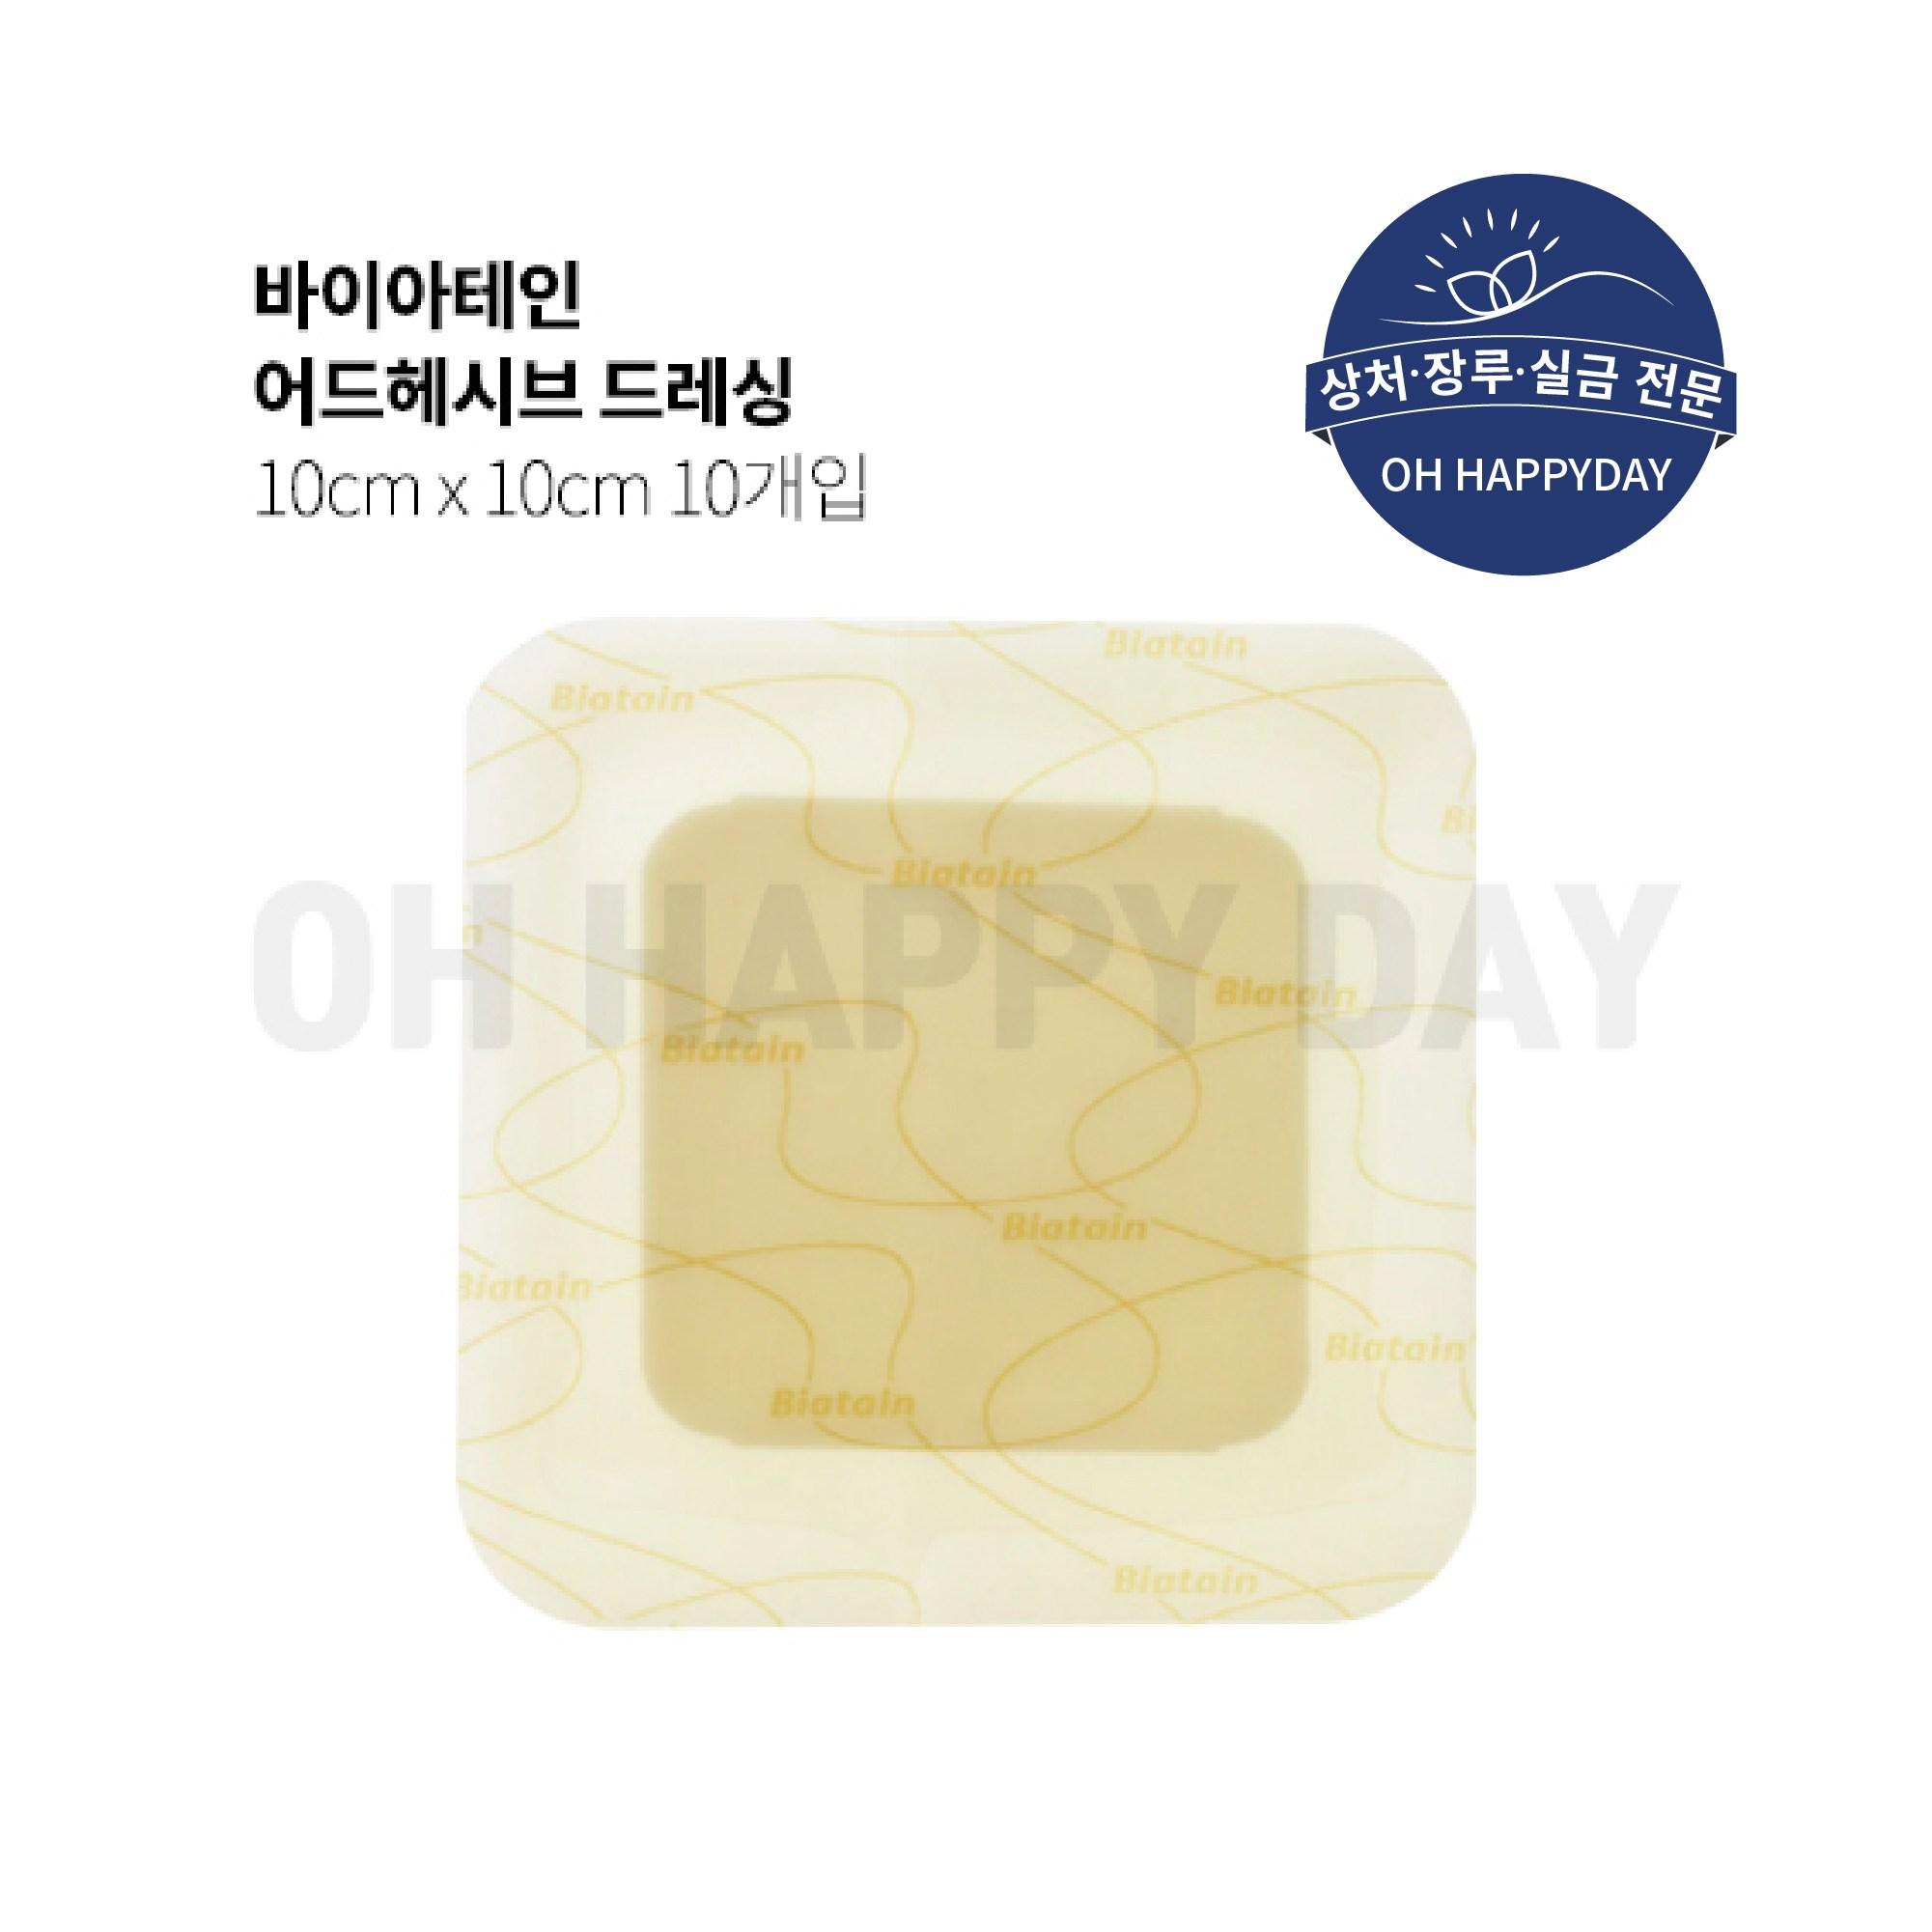 콜로플라스트 바이아테인 어드헤시브 접착력 드레싱 3430 10x10cm 10매 욕창드레싱 Biatain Adhesive (POP 5008434120)